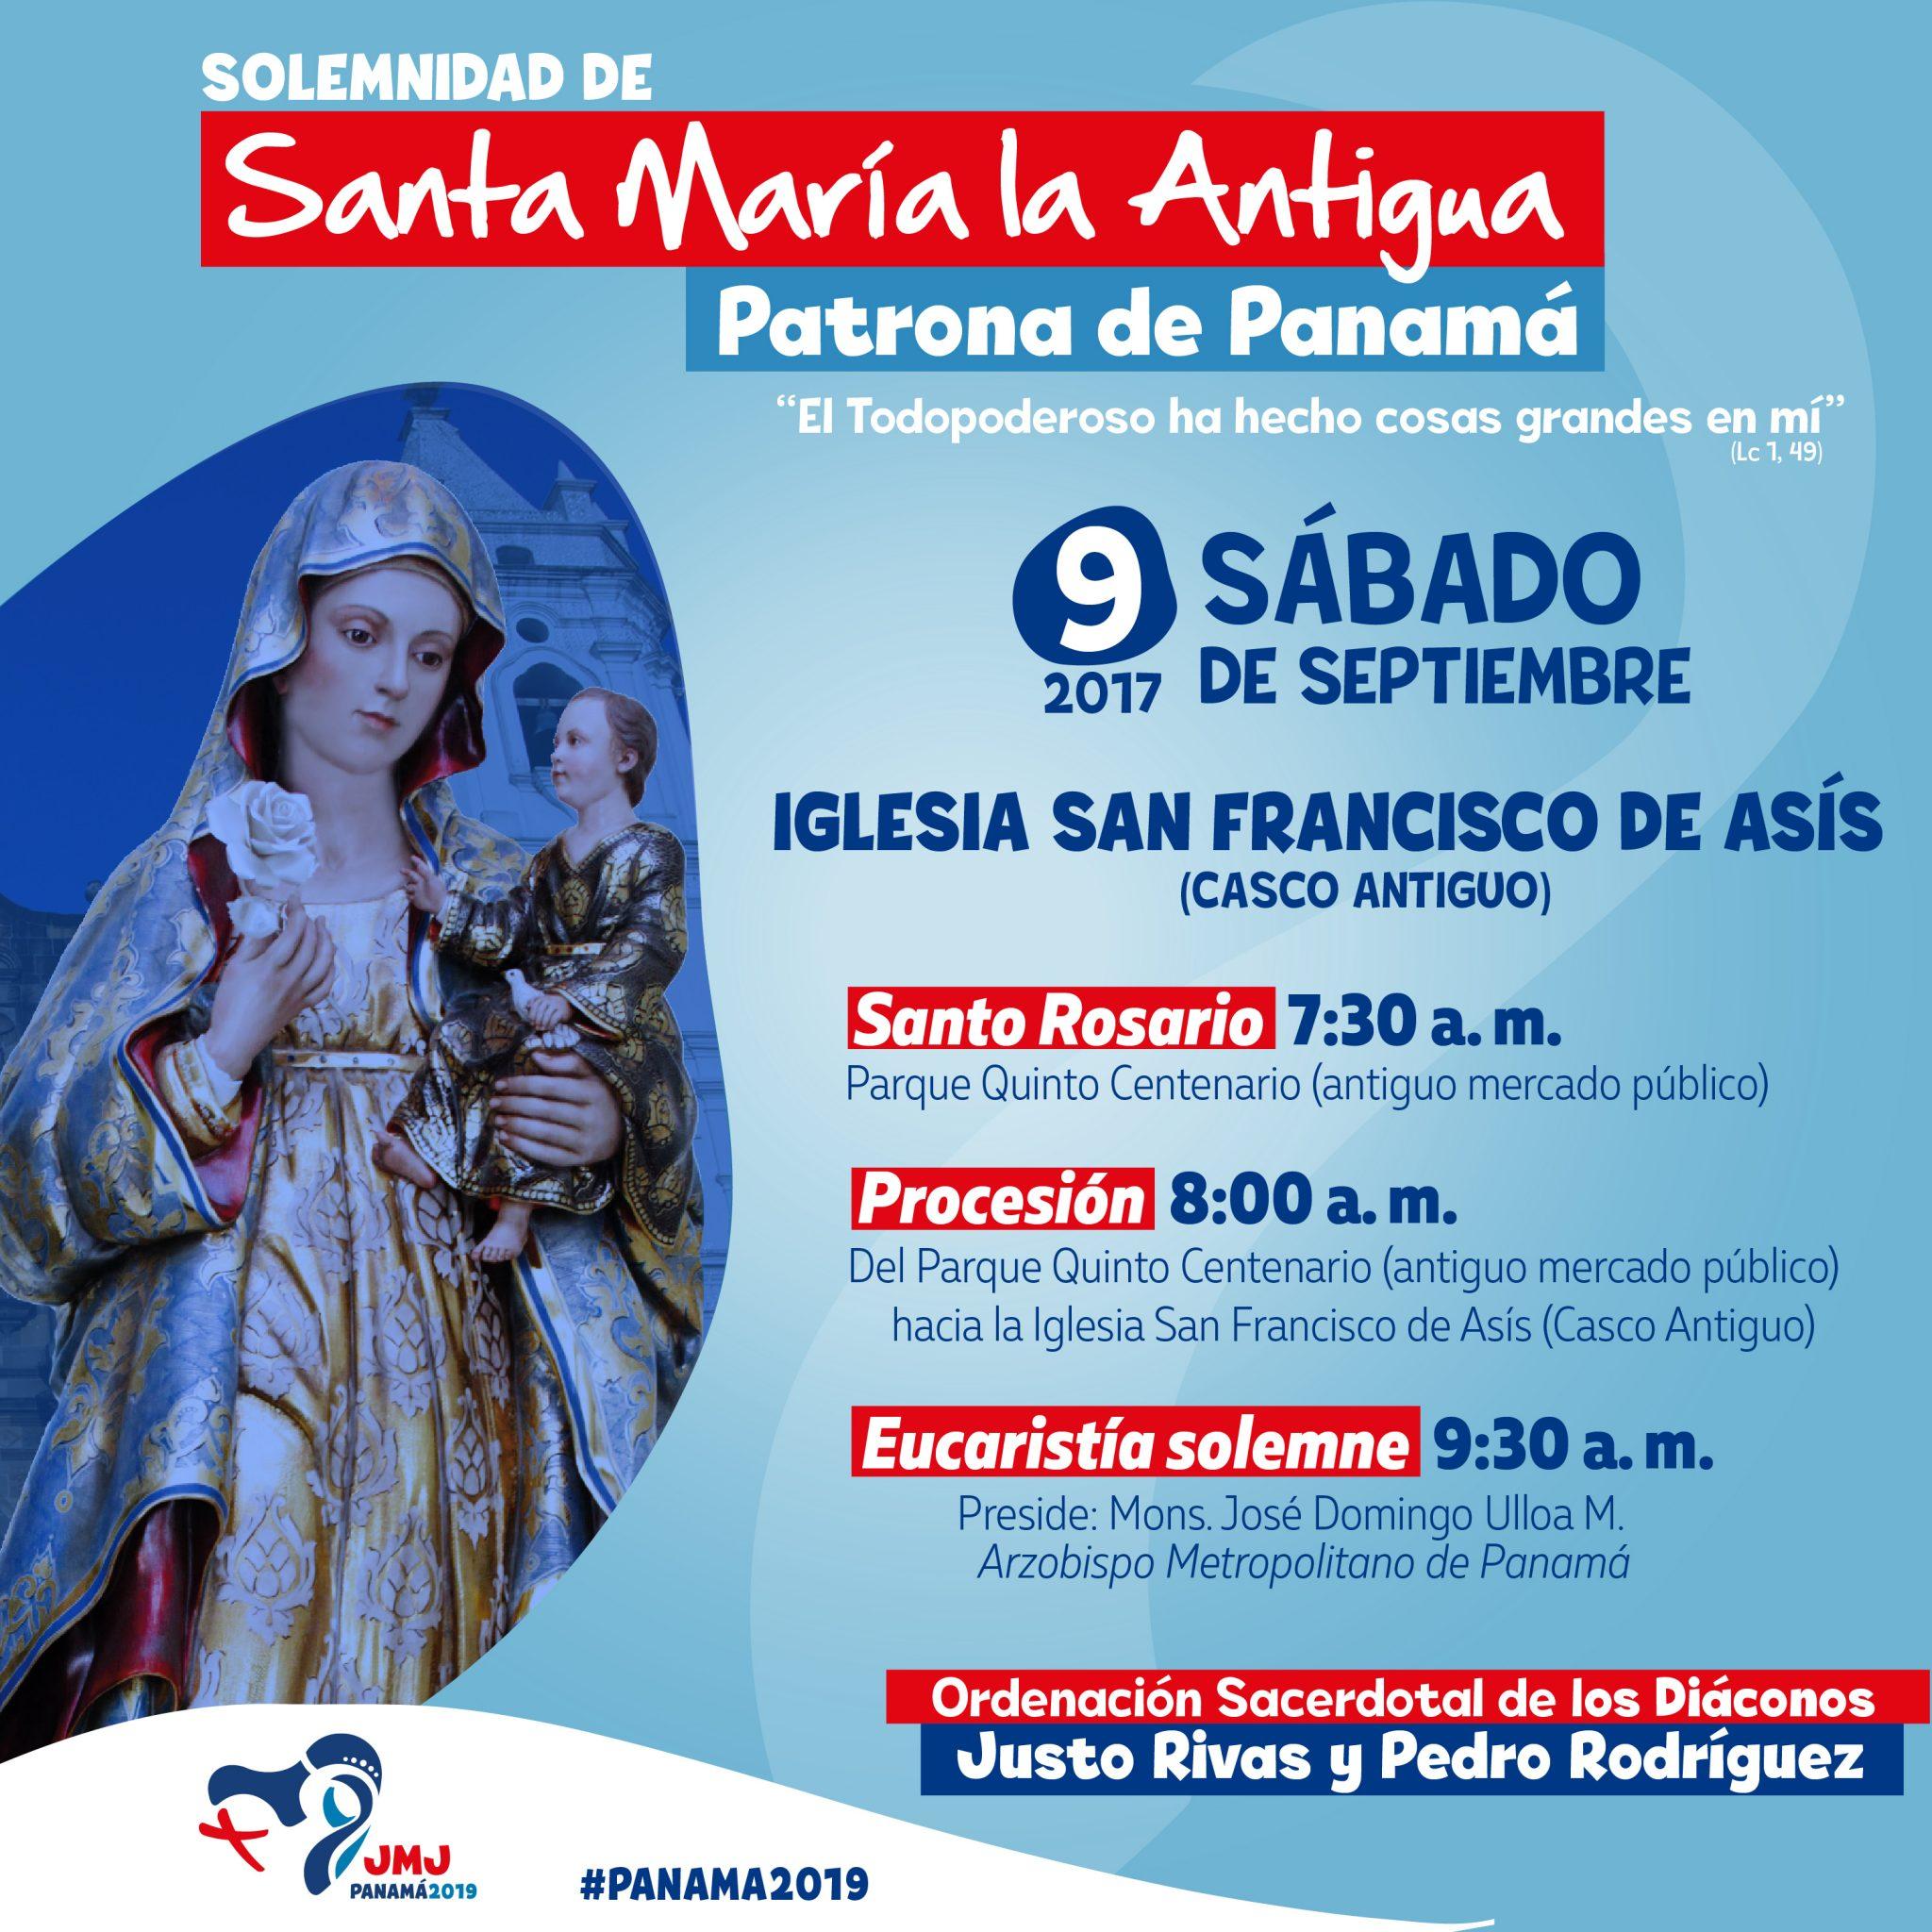 Festividad de la Patrona de Panamá será celebrada con ordenaciones sacerdotales